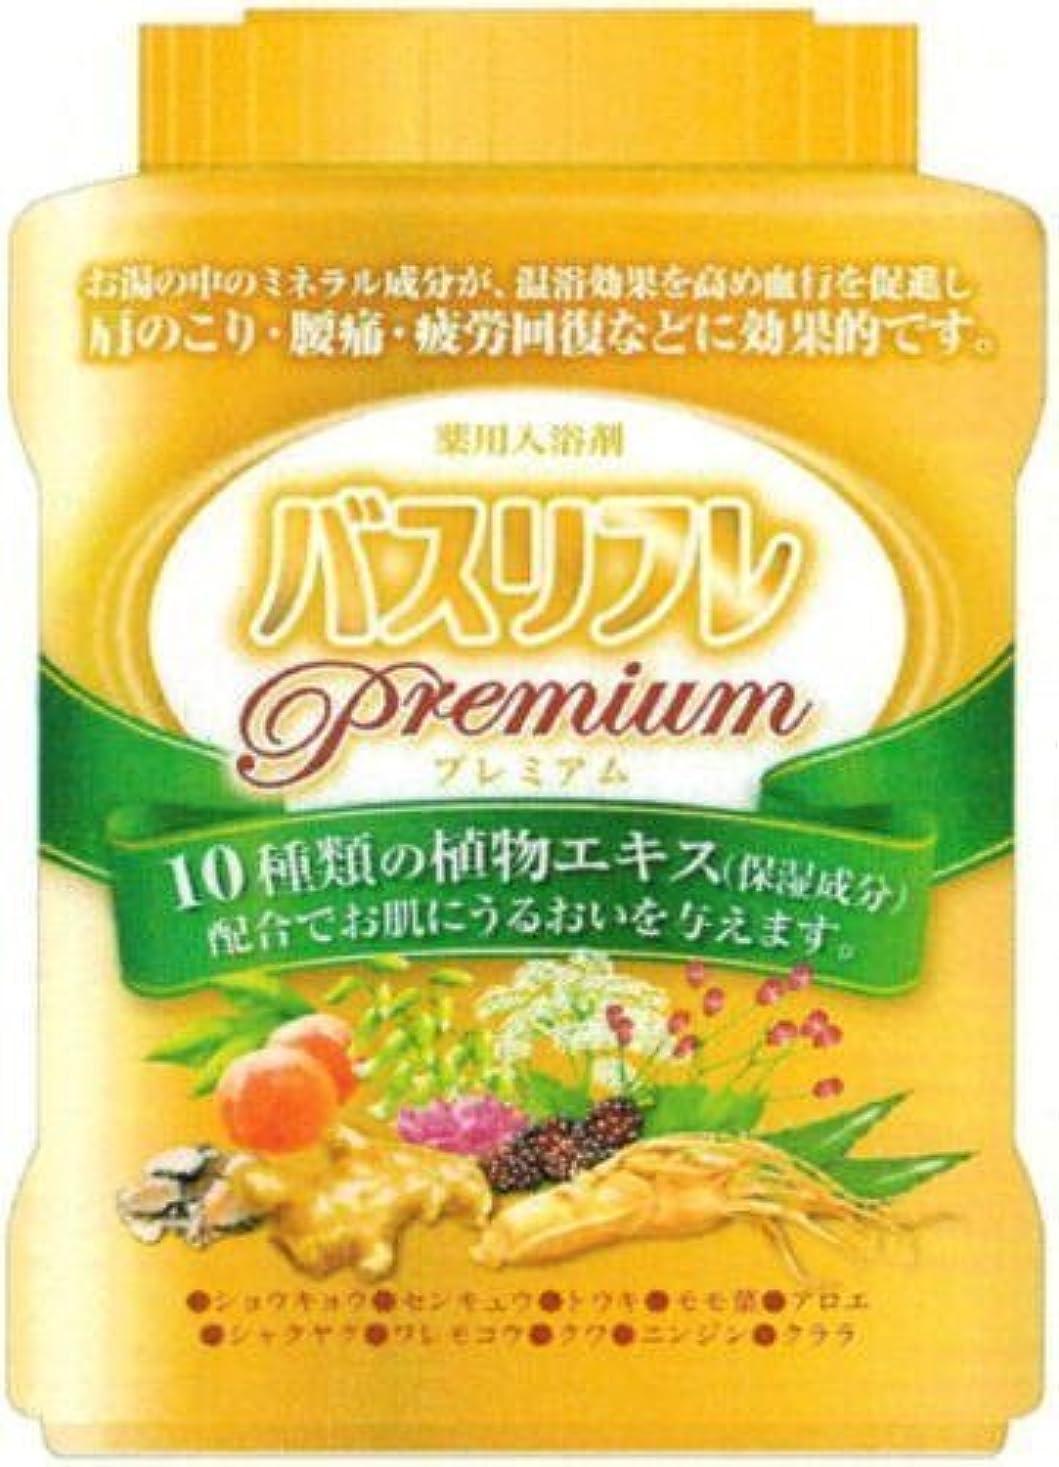 この一次柔らかいライオンケミカル バスリフレ 薬用入浴剤プレミアム 680g Japan